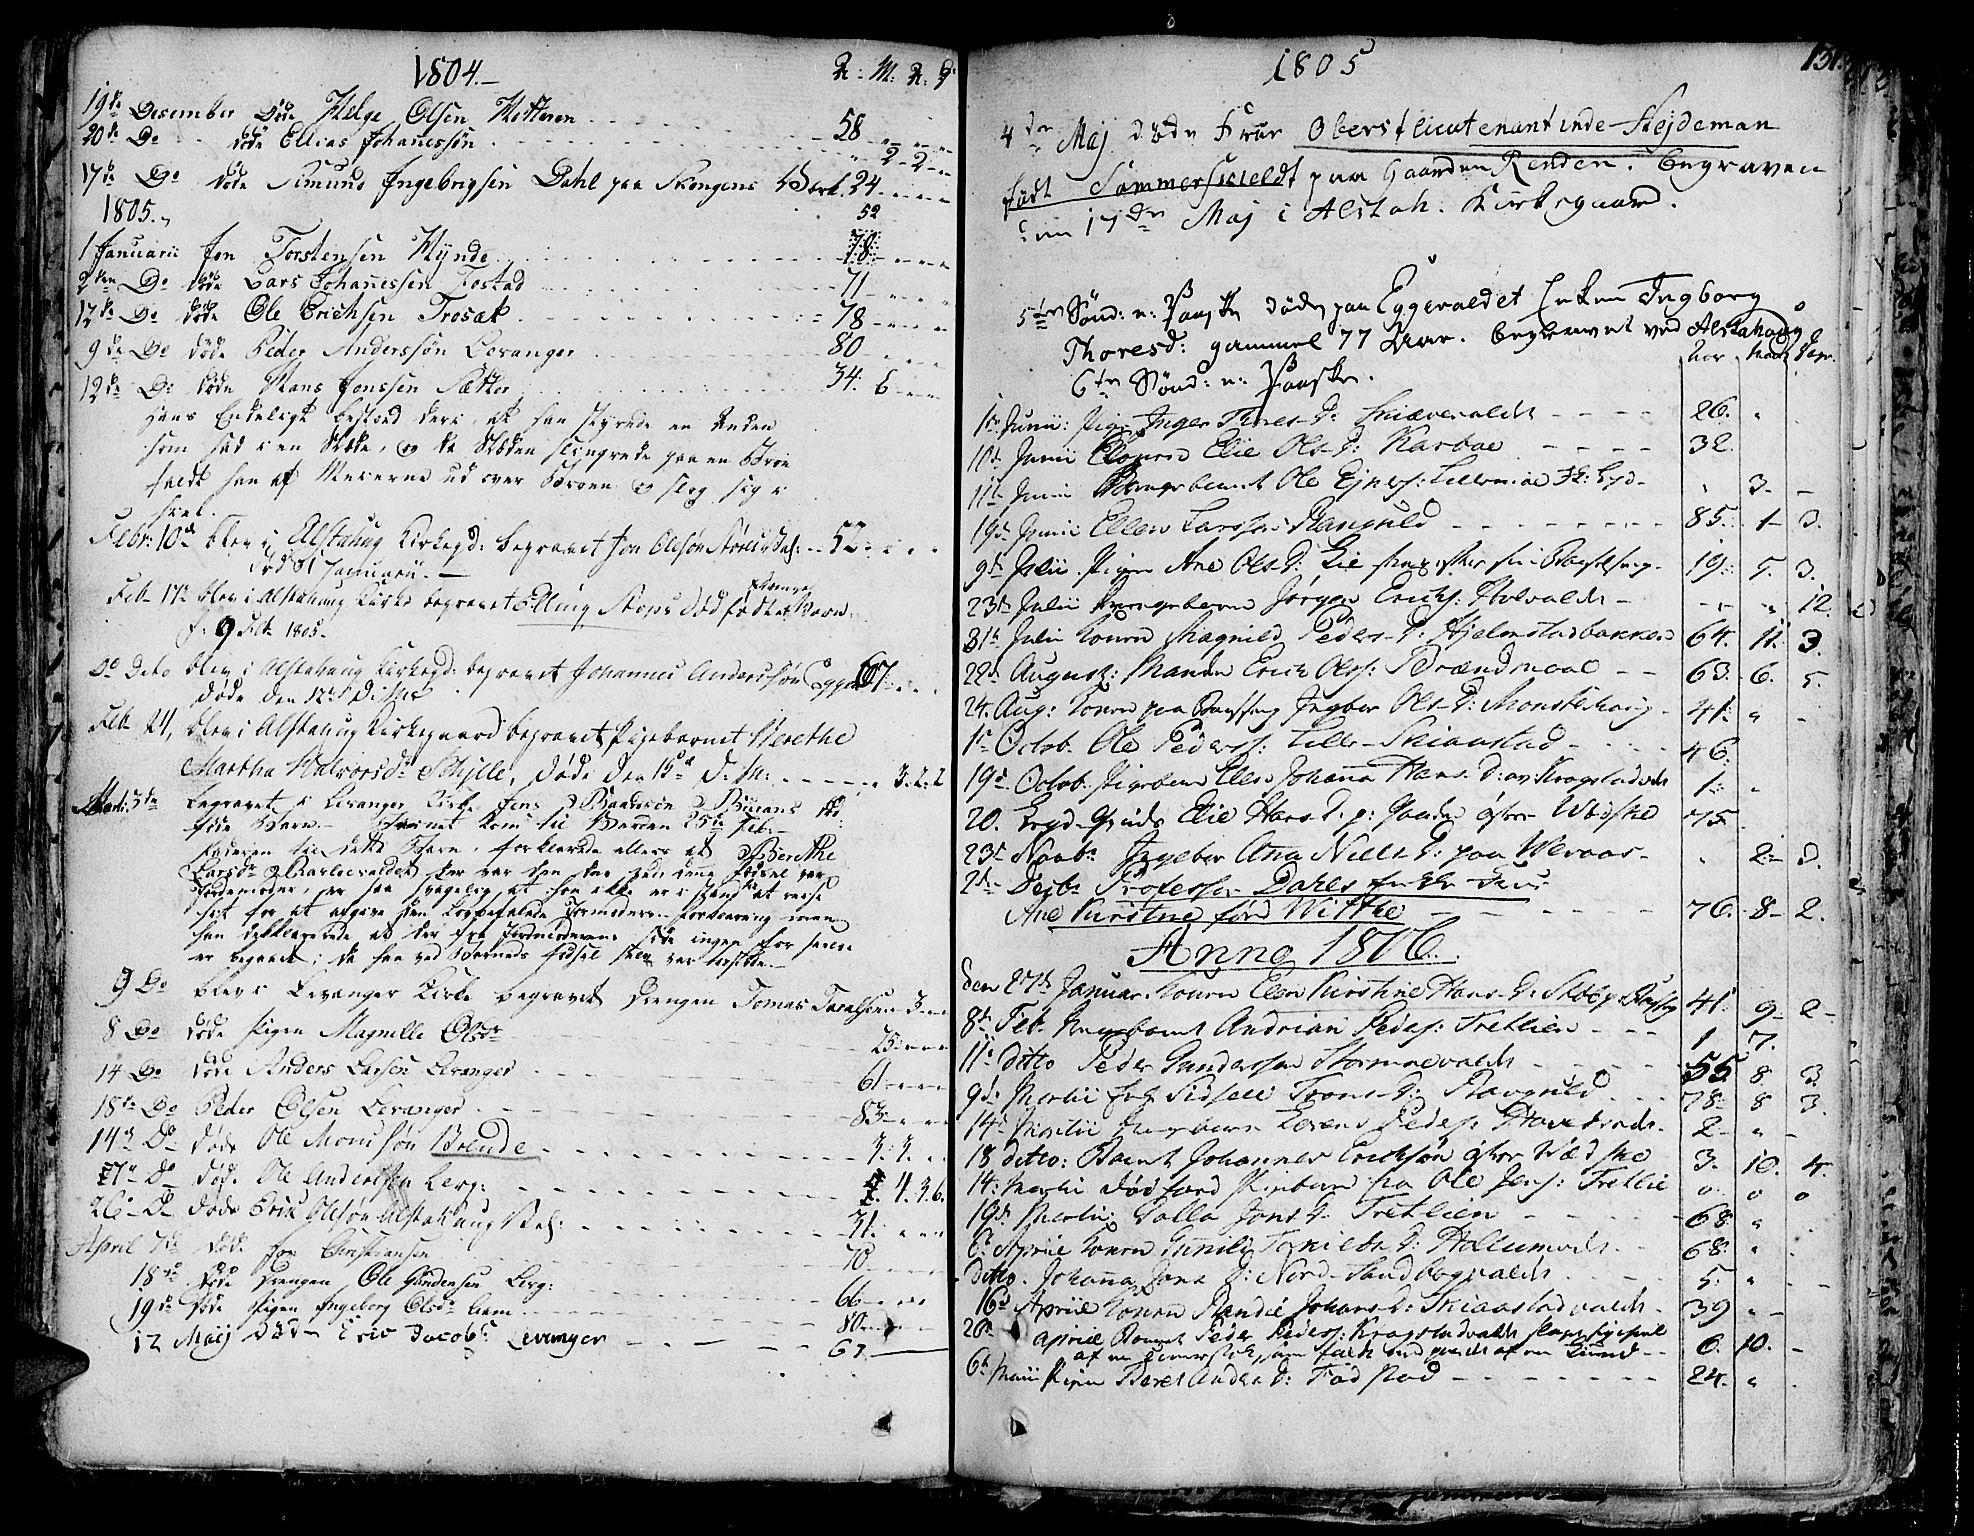 SAT, Ministerialprotokoller, klokkerbøker og fødselsregistre - Nord-Trøndelag, 717/L0142: Ministerialbok nr. 717A02 /1, 1783-1809, s. 131